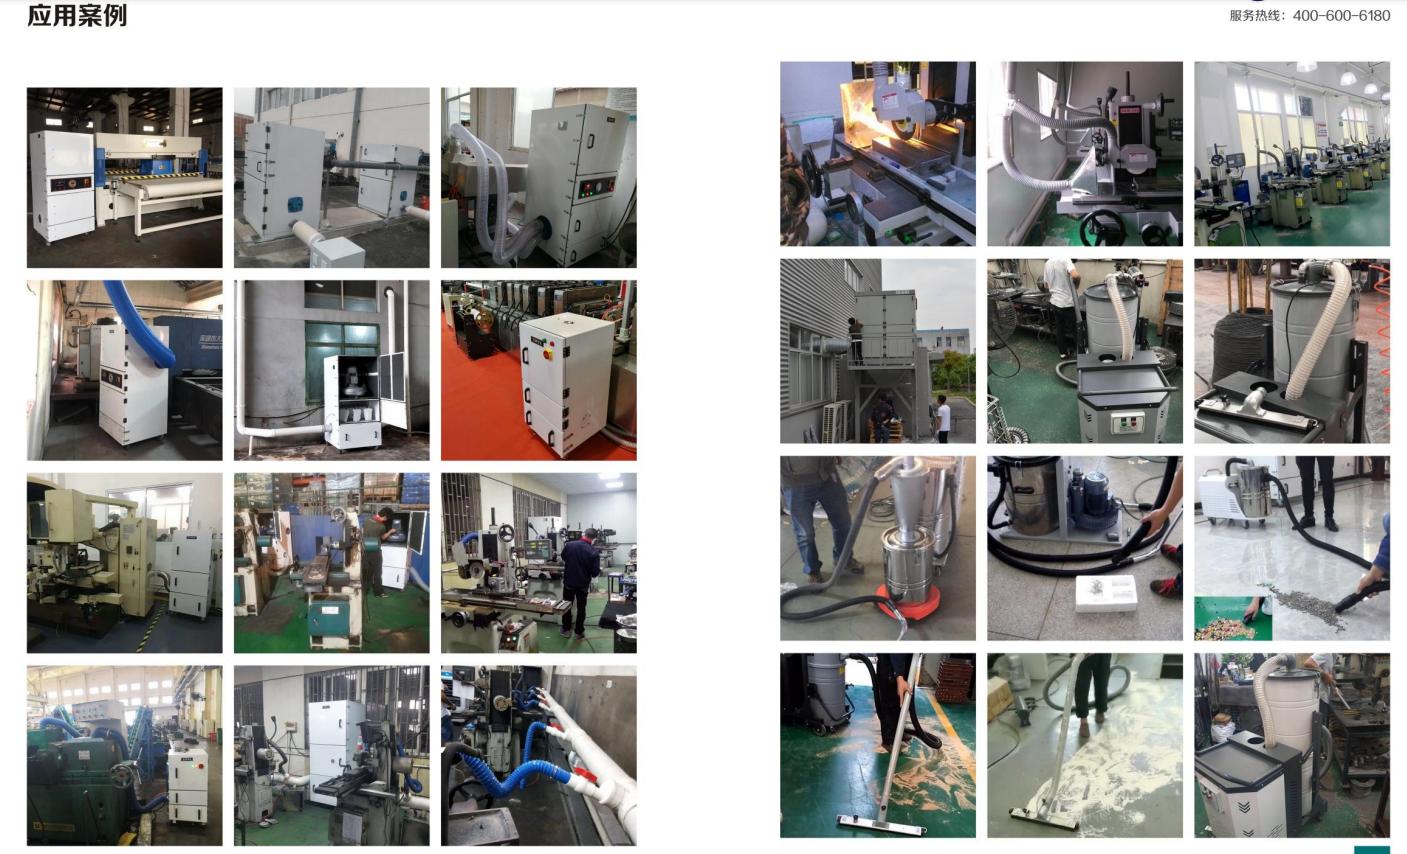 平面磨床集尘机 15kw集尘机 集尘机生产厂家示例图10